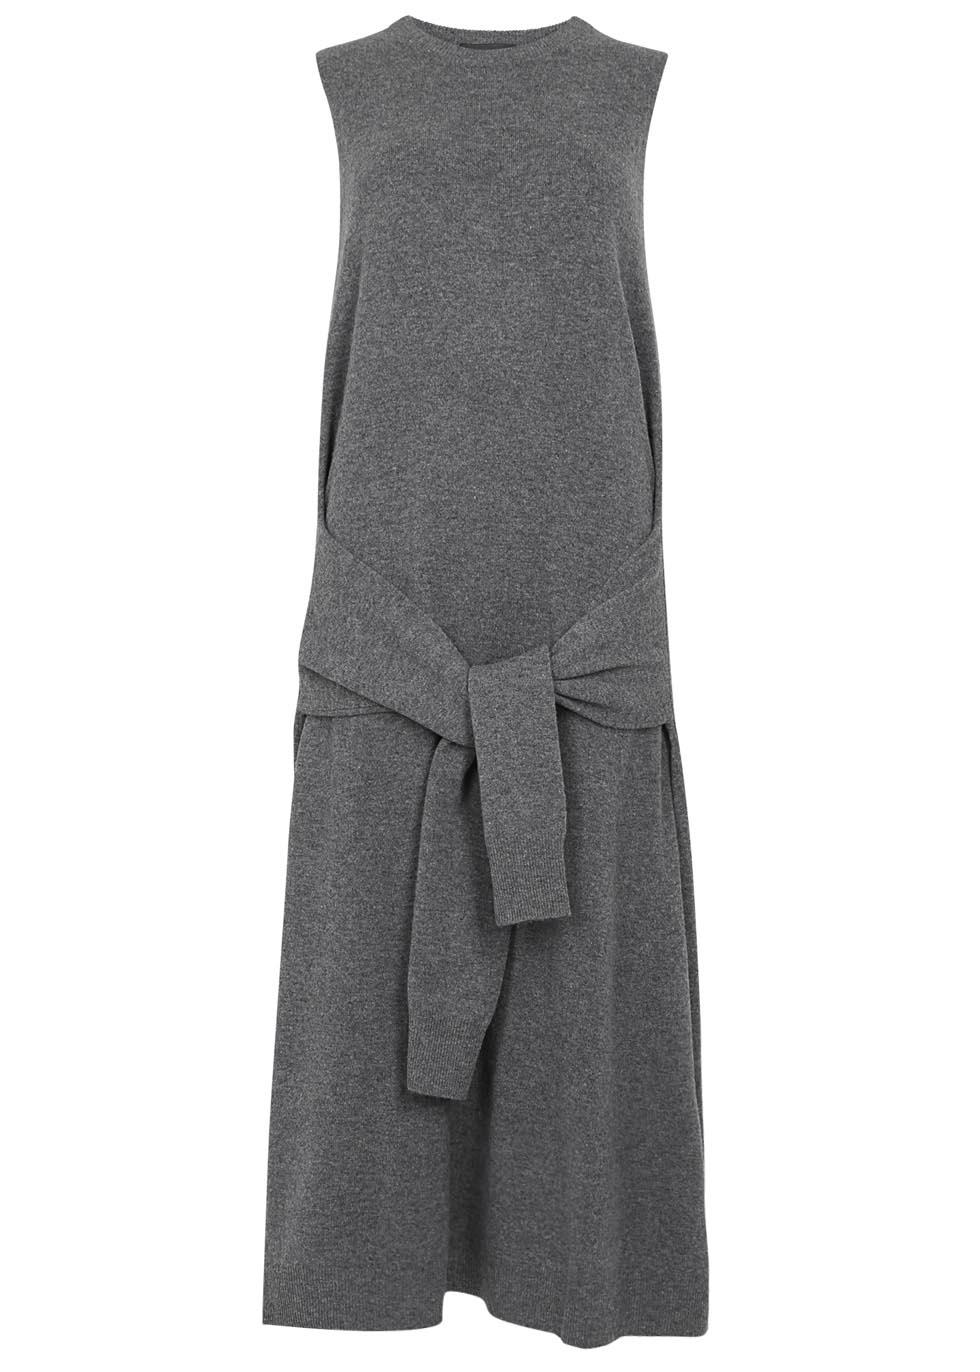 dc7fbbe46d Joseph Elle grey wool dress